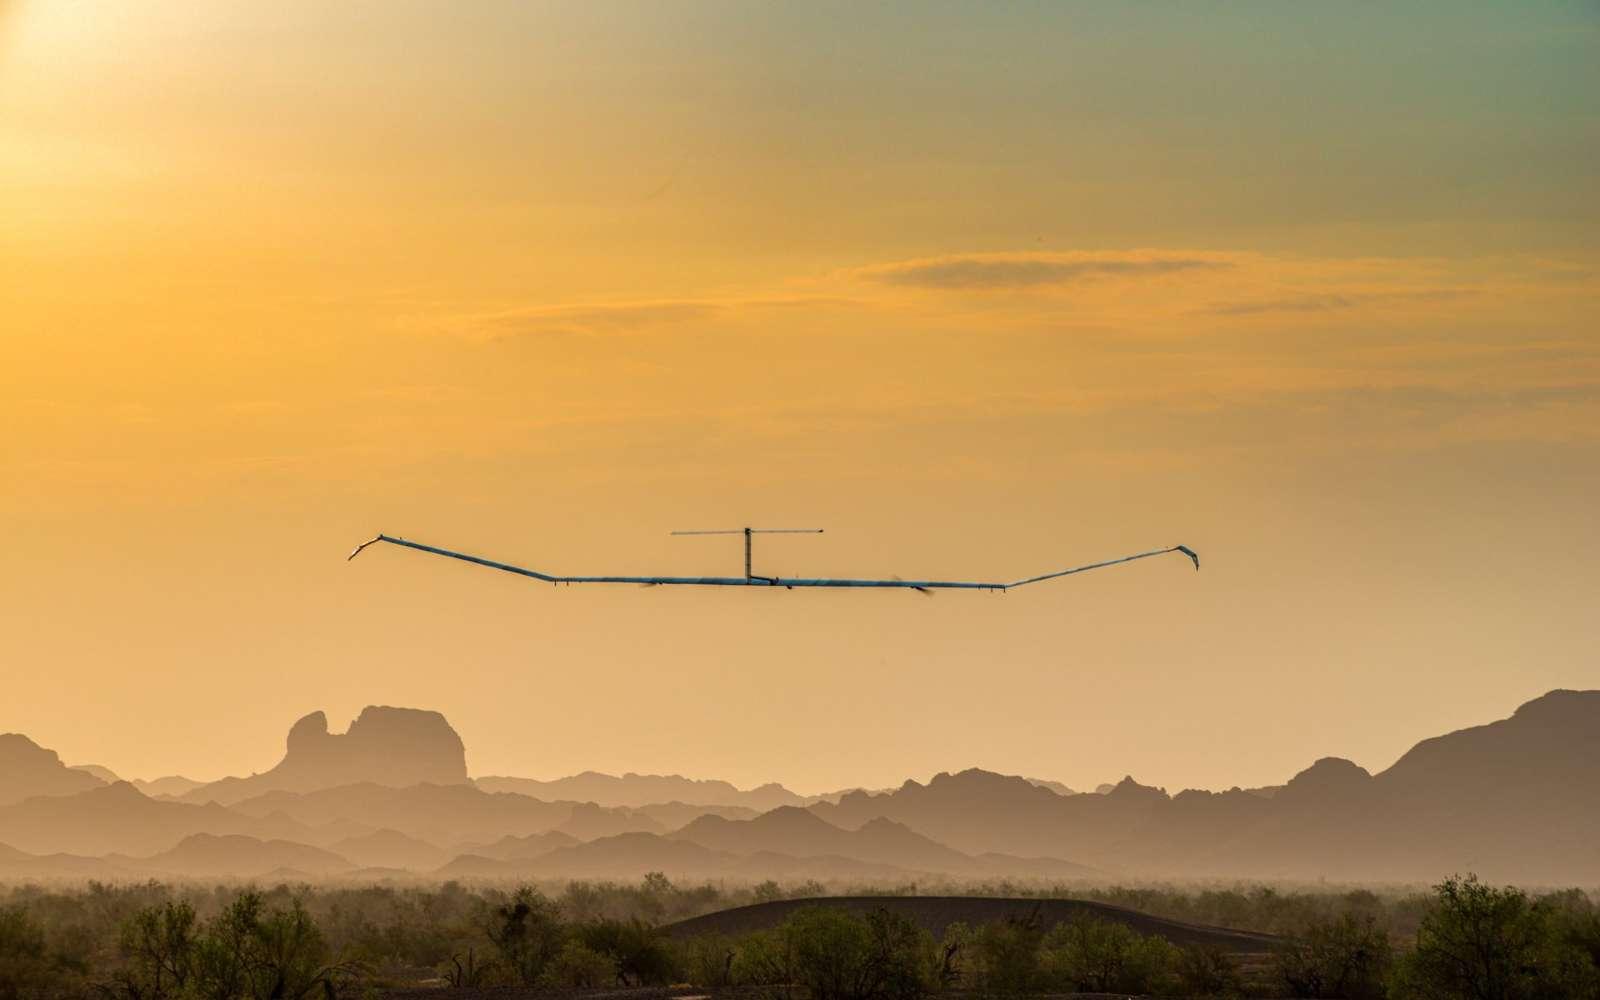 Avec ses 28 mètres d'envergure dotés de panneaux solaires, le drone électrique peut se maintenir en l'air durant 26 jours dans la stratosphère. © Airbus